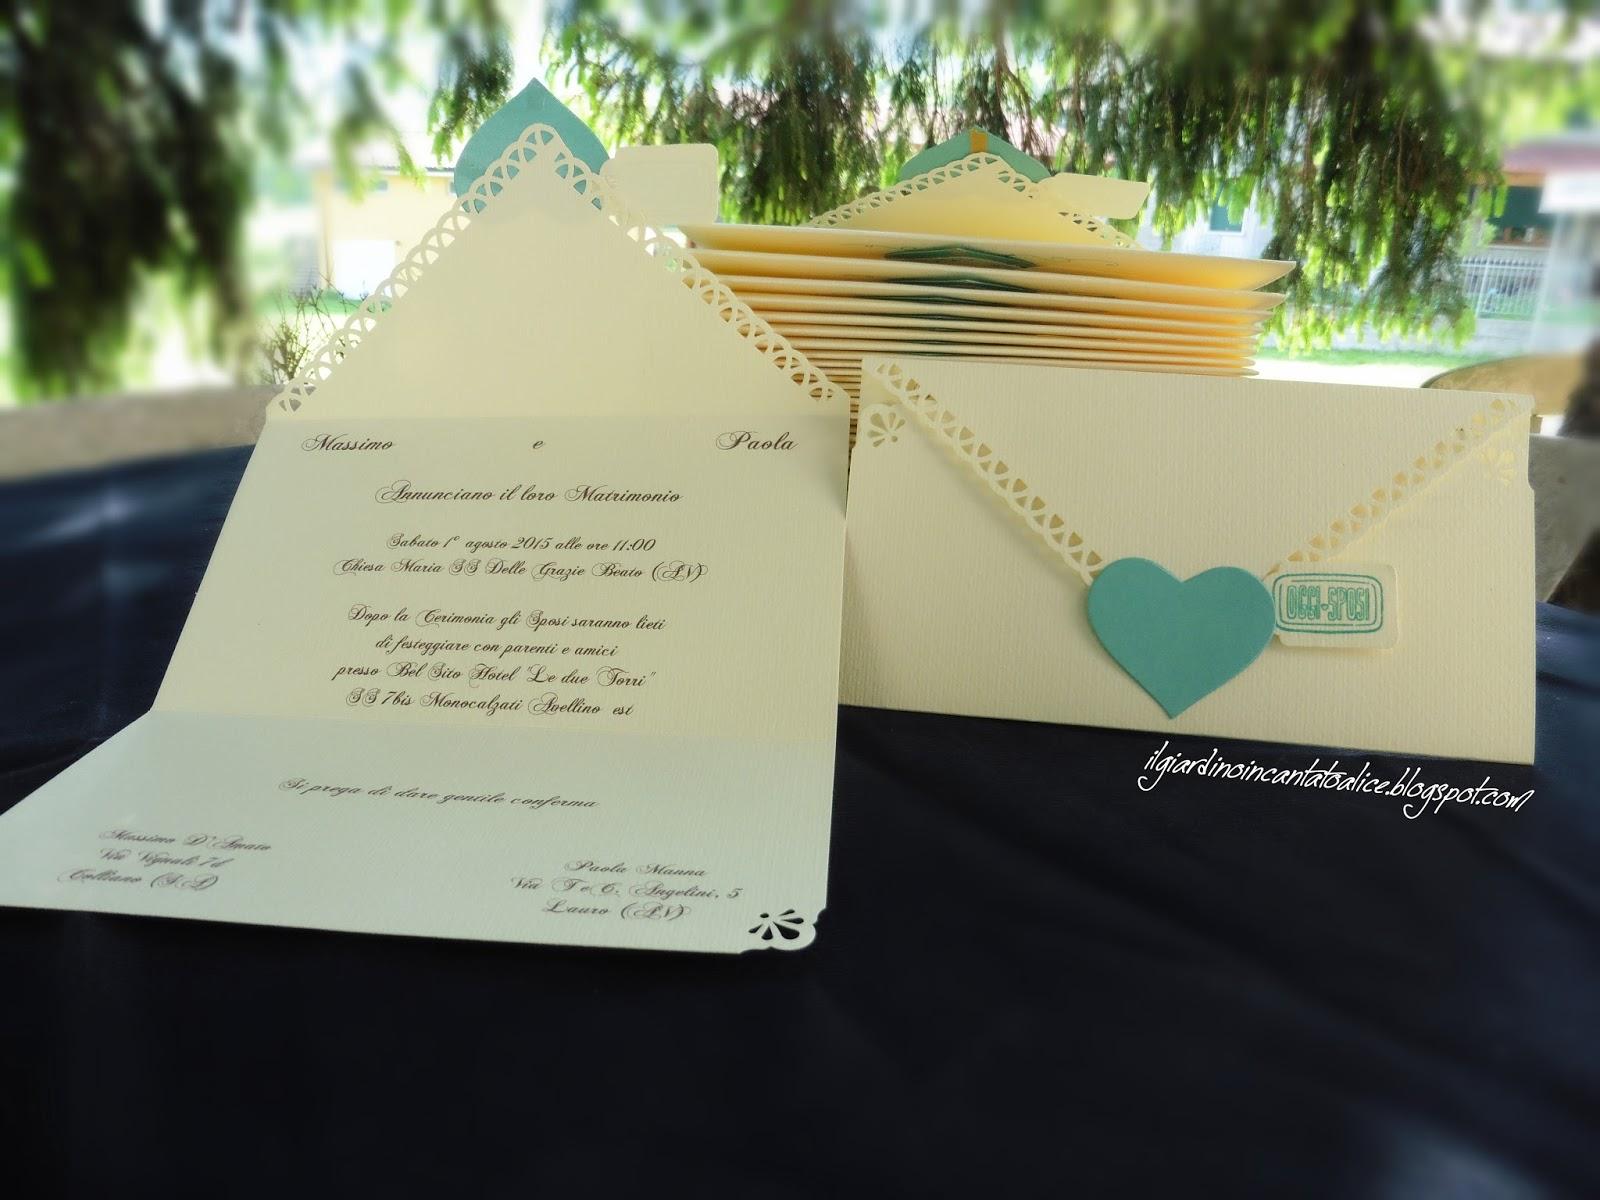 Matrimonio In Verde Tiffany : Il giardino incantato di alice matrimonio verde tiffany